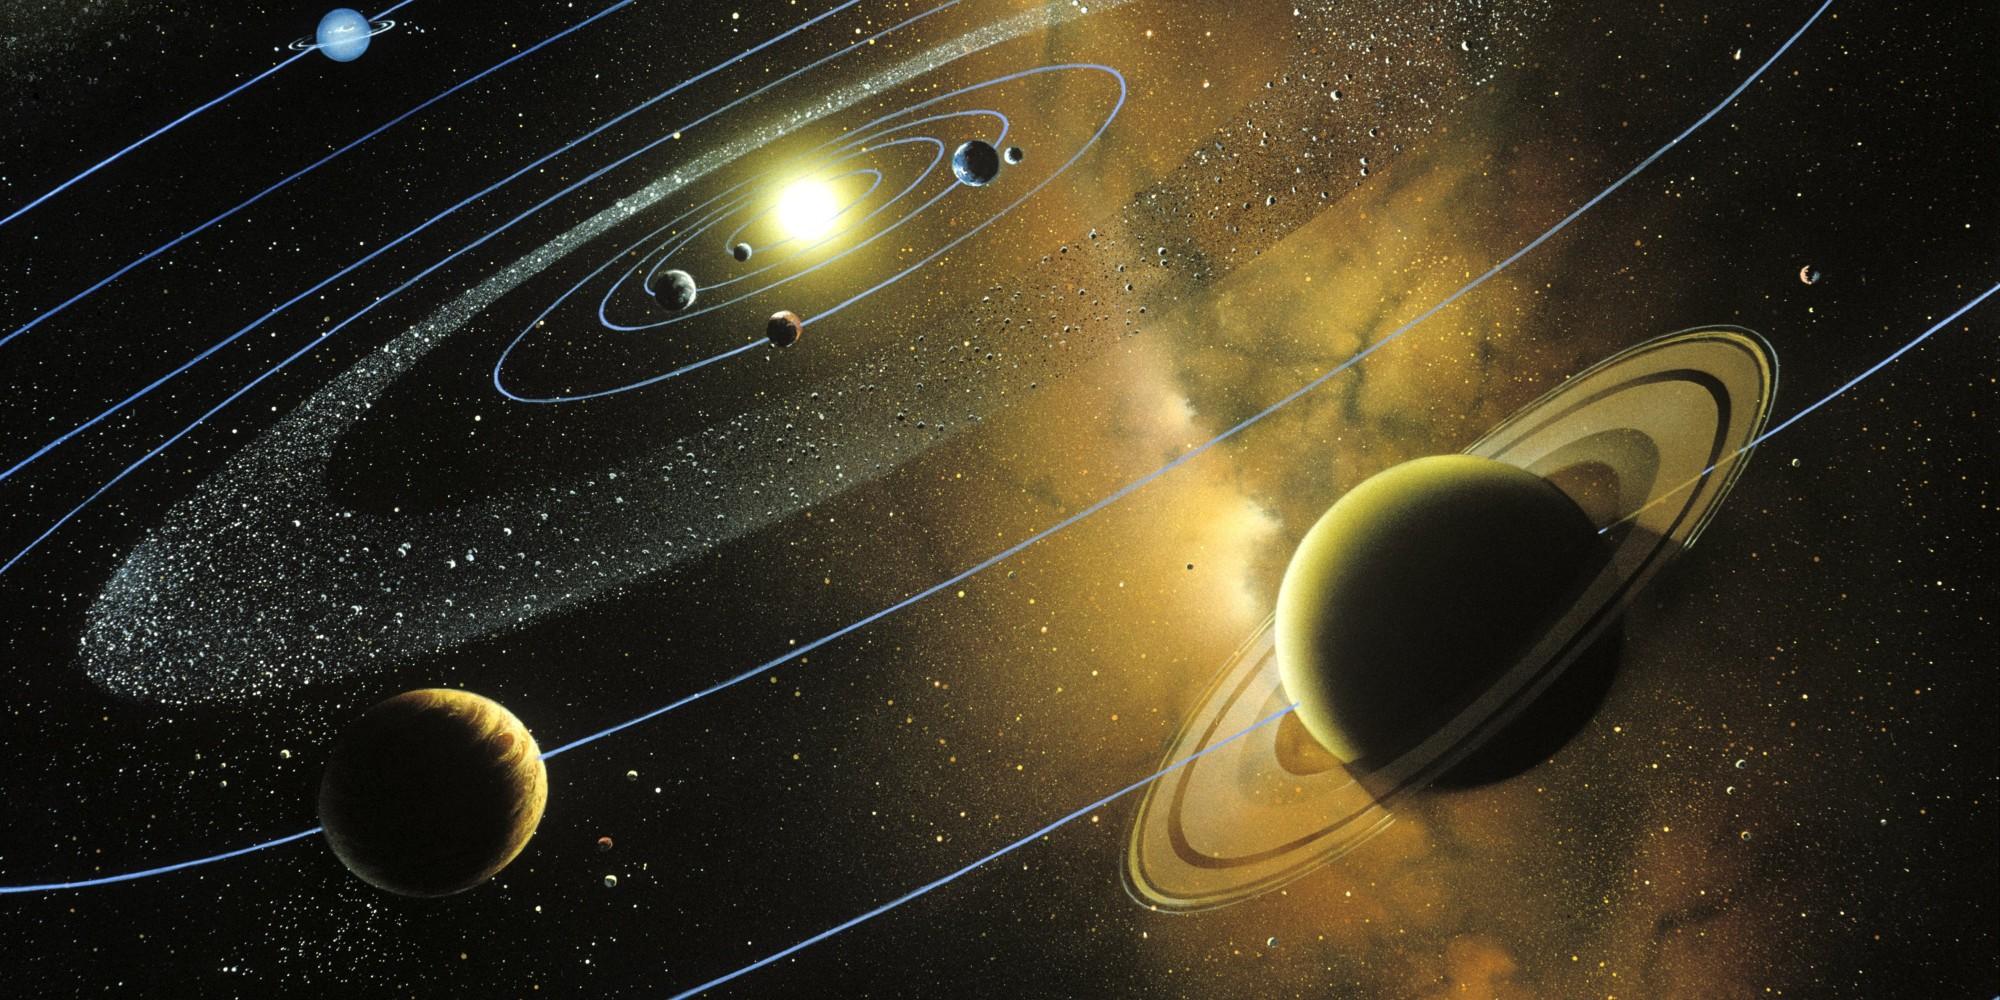 იმოგზაურეთ მზის სისტემაში Google Maps-ის საშუალებით